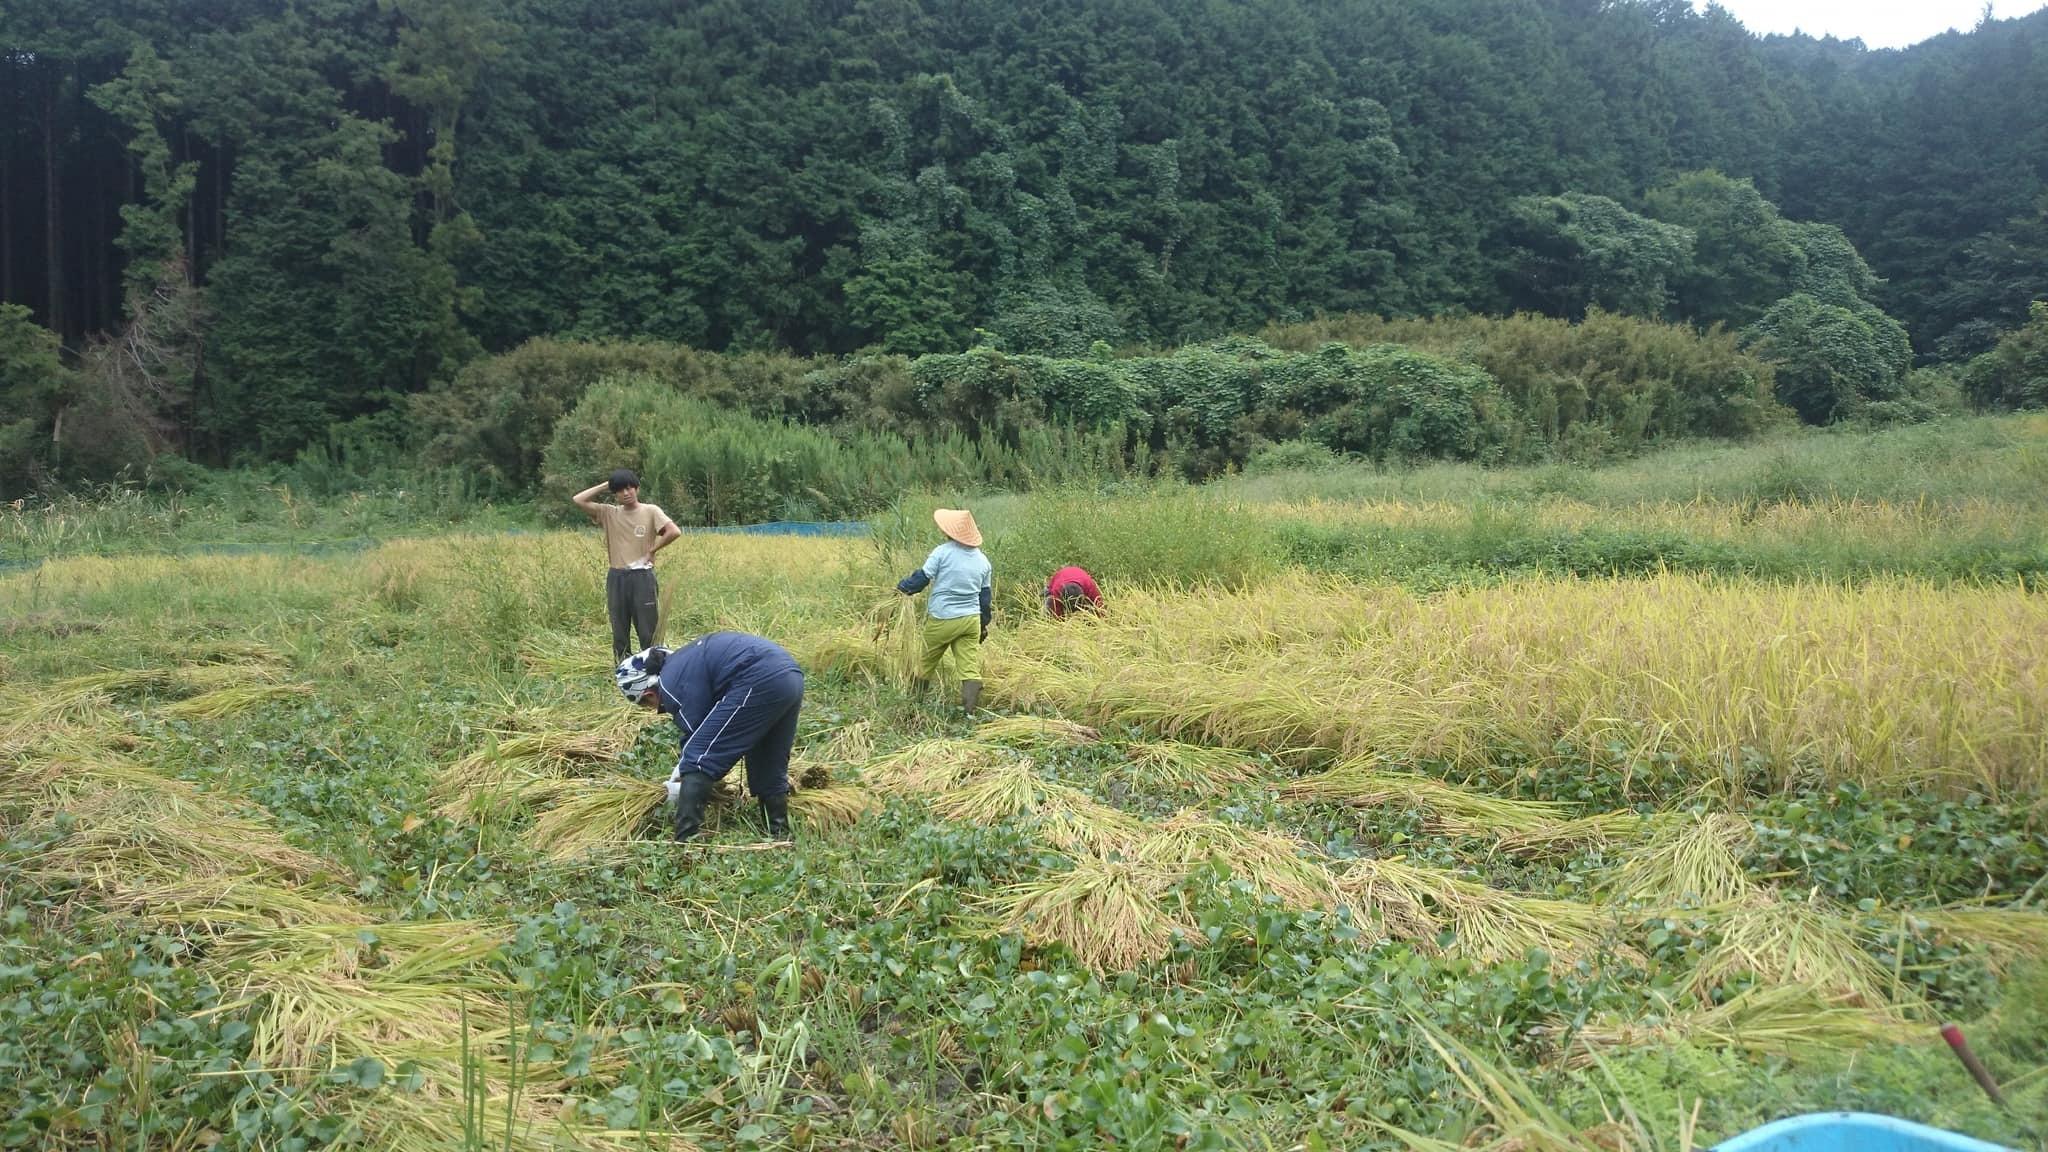 【レポート】谷津田開拓地 2018年の稲刈り_c0177665_19150142.jpg